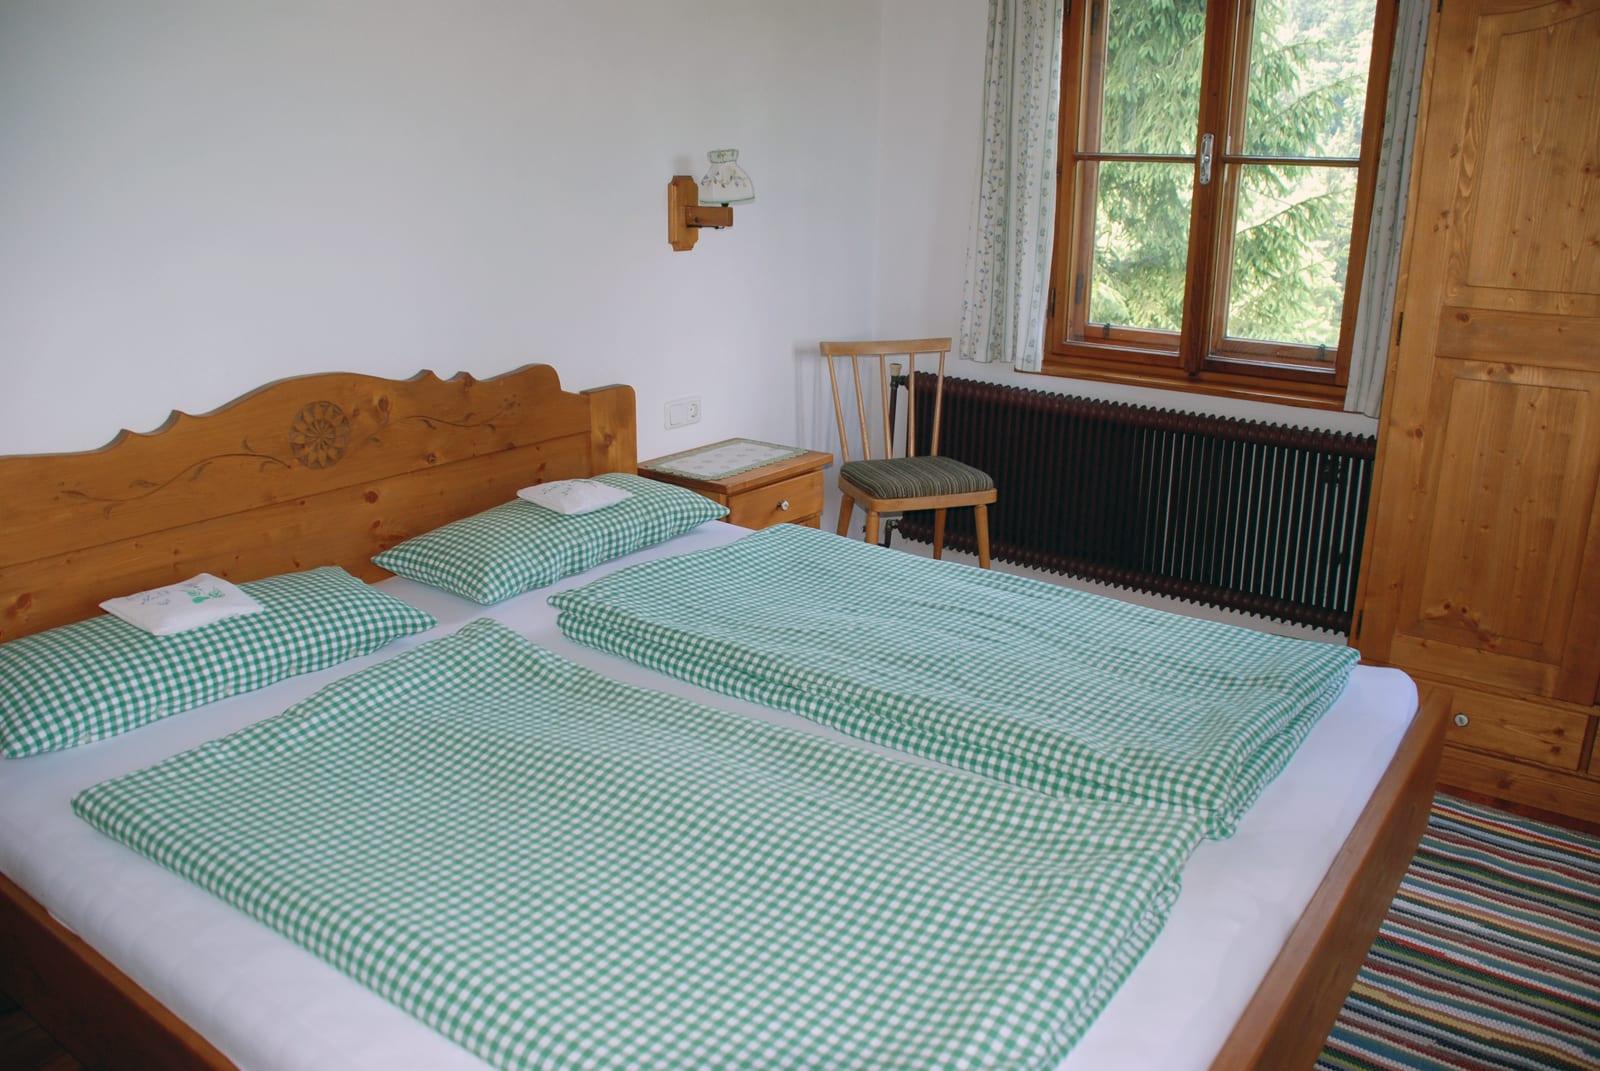 Ferienwohnung 80 m2